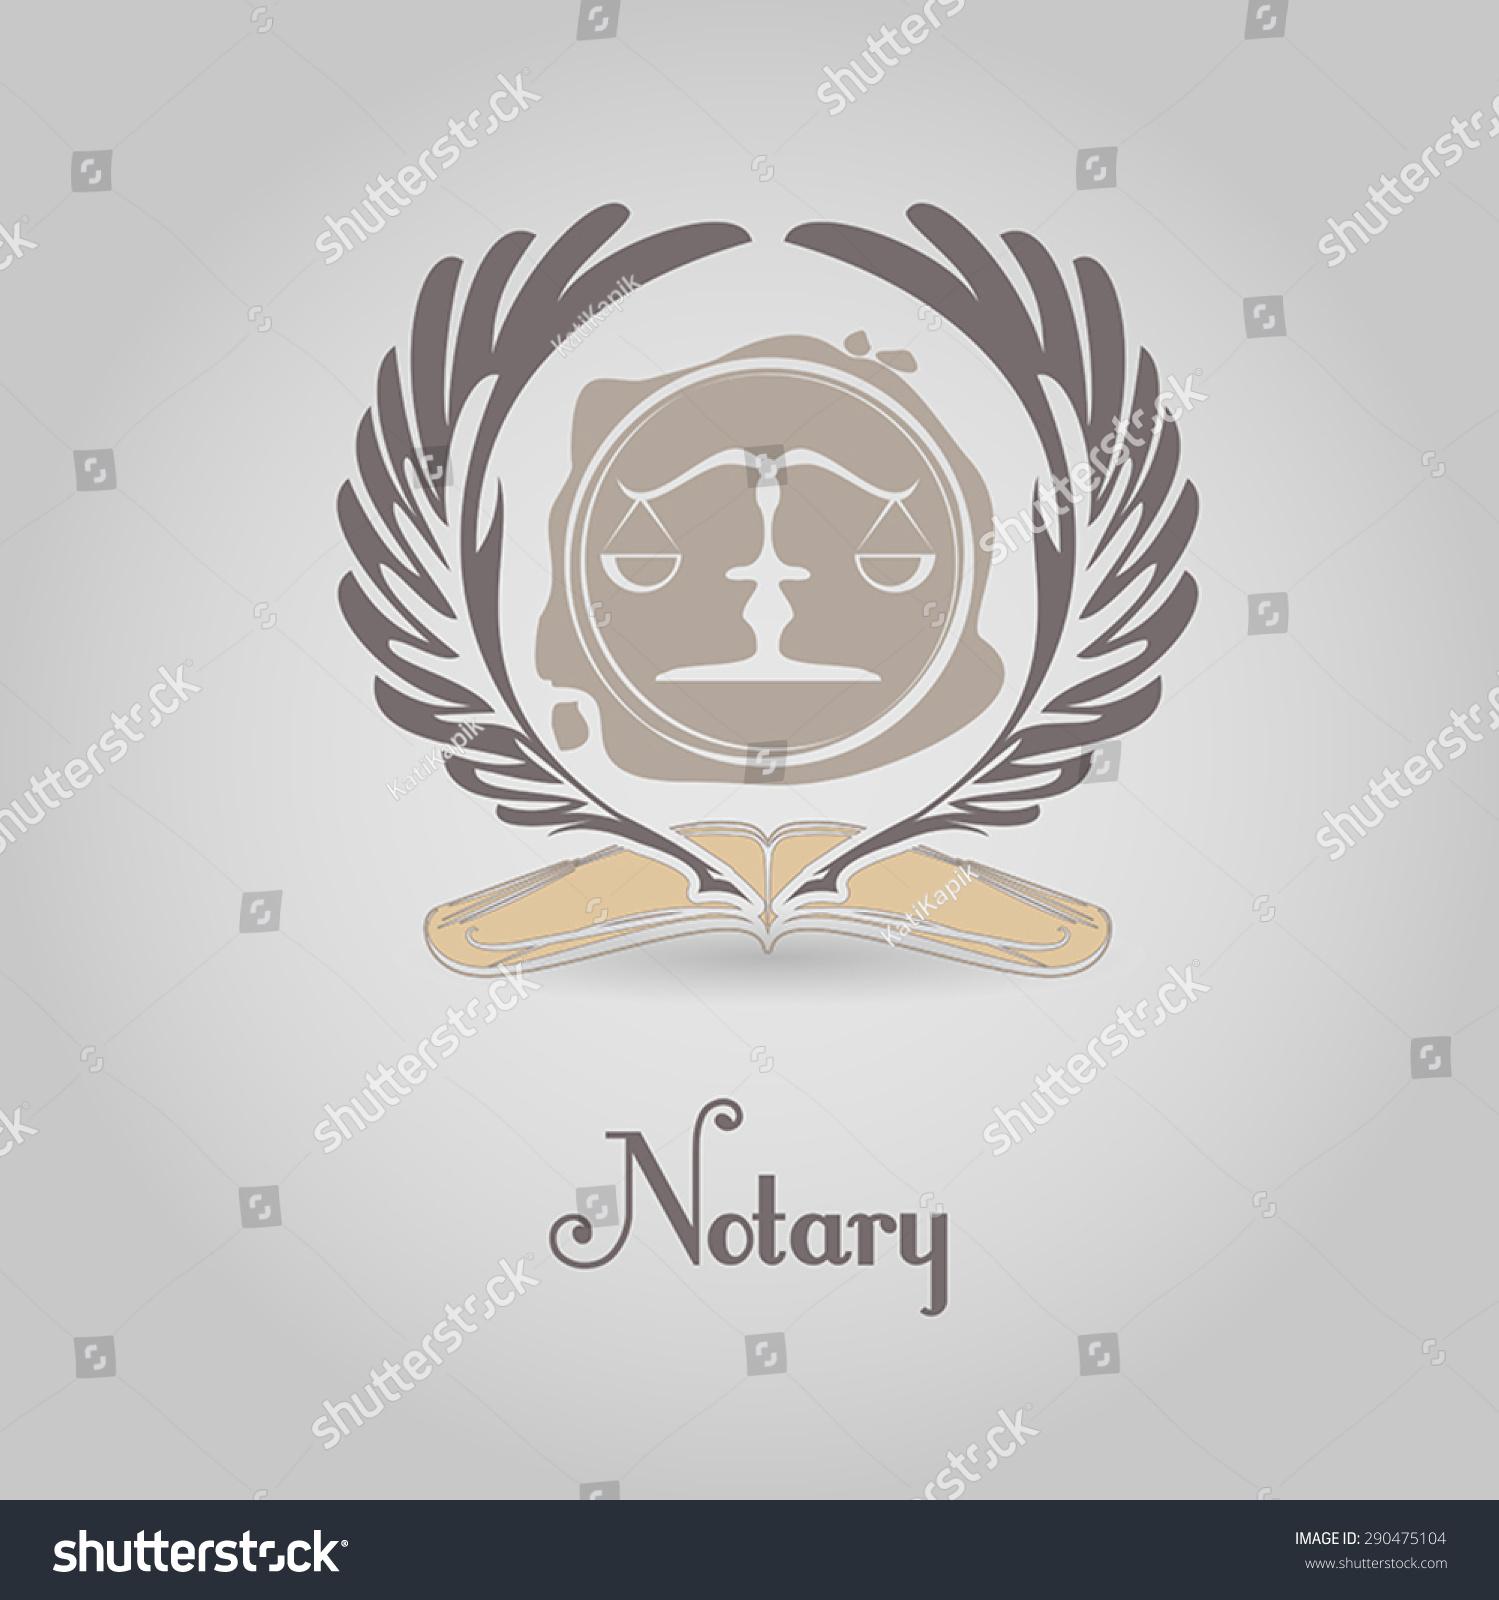 Notary Symbol Vector Logo Design Template Vector 290475104 – Notary Template